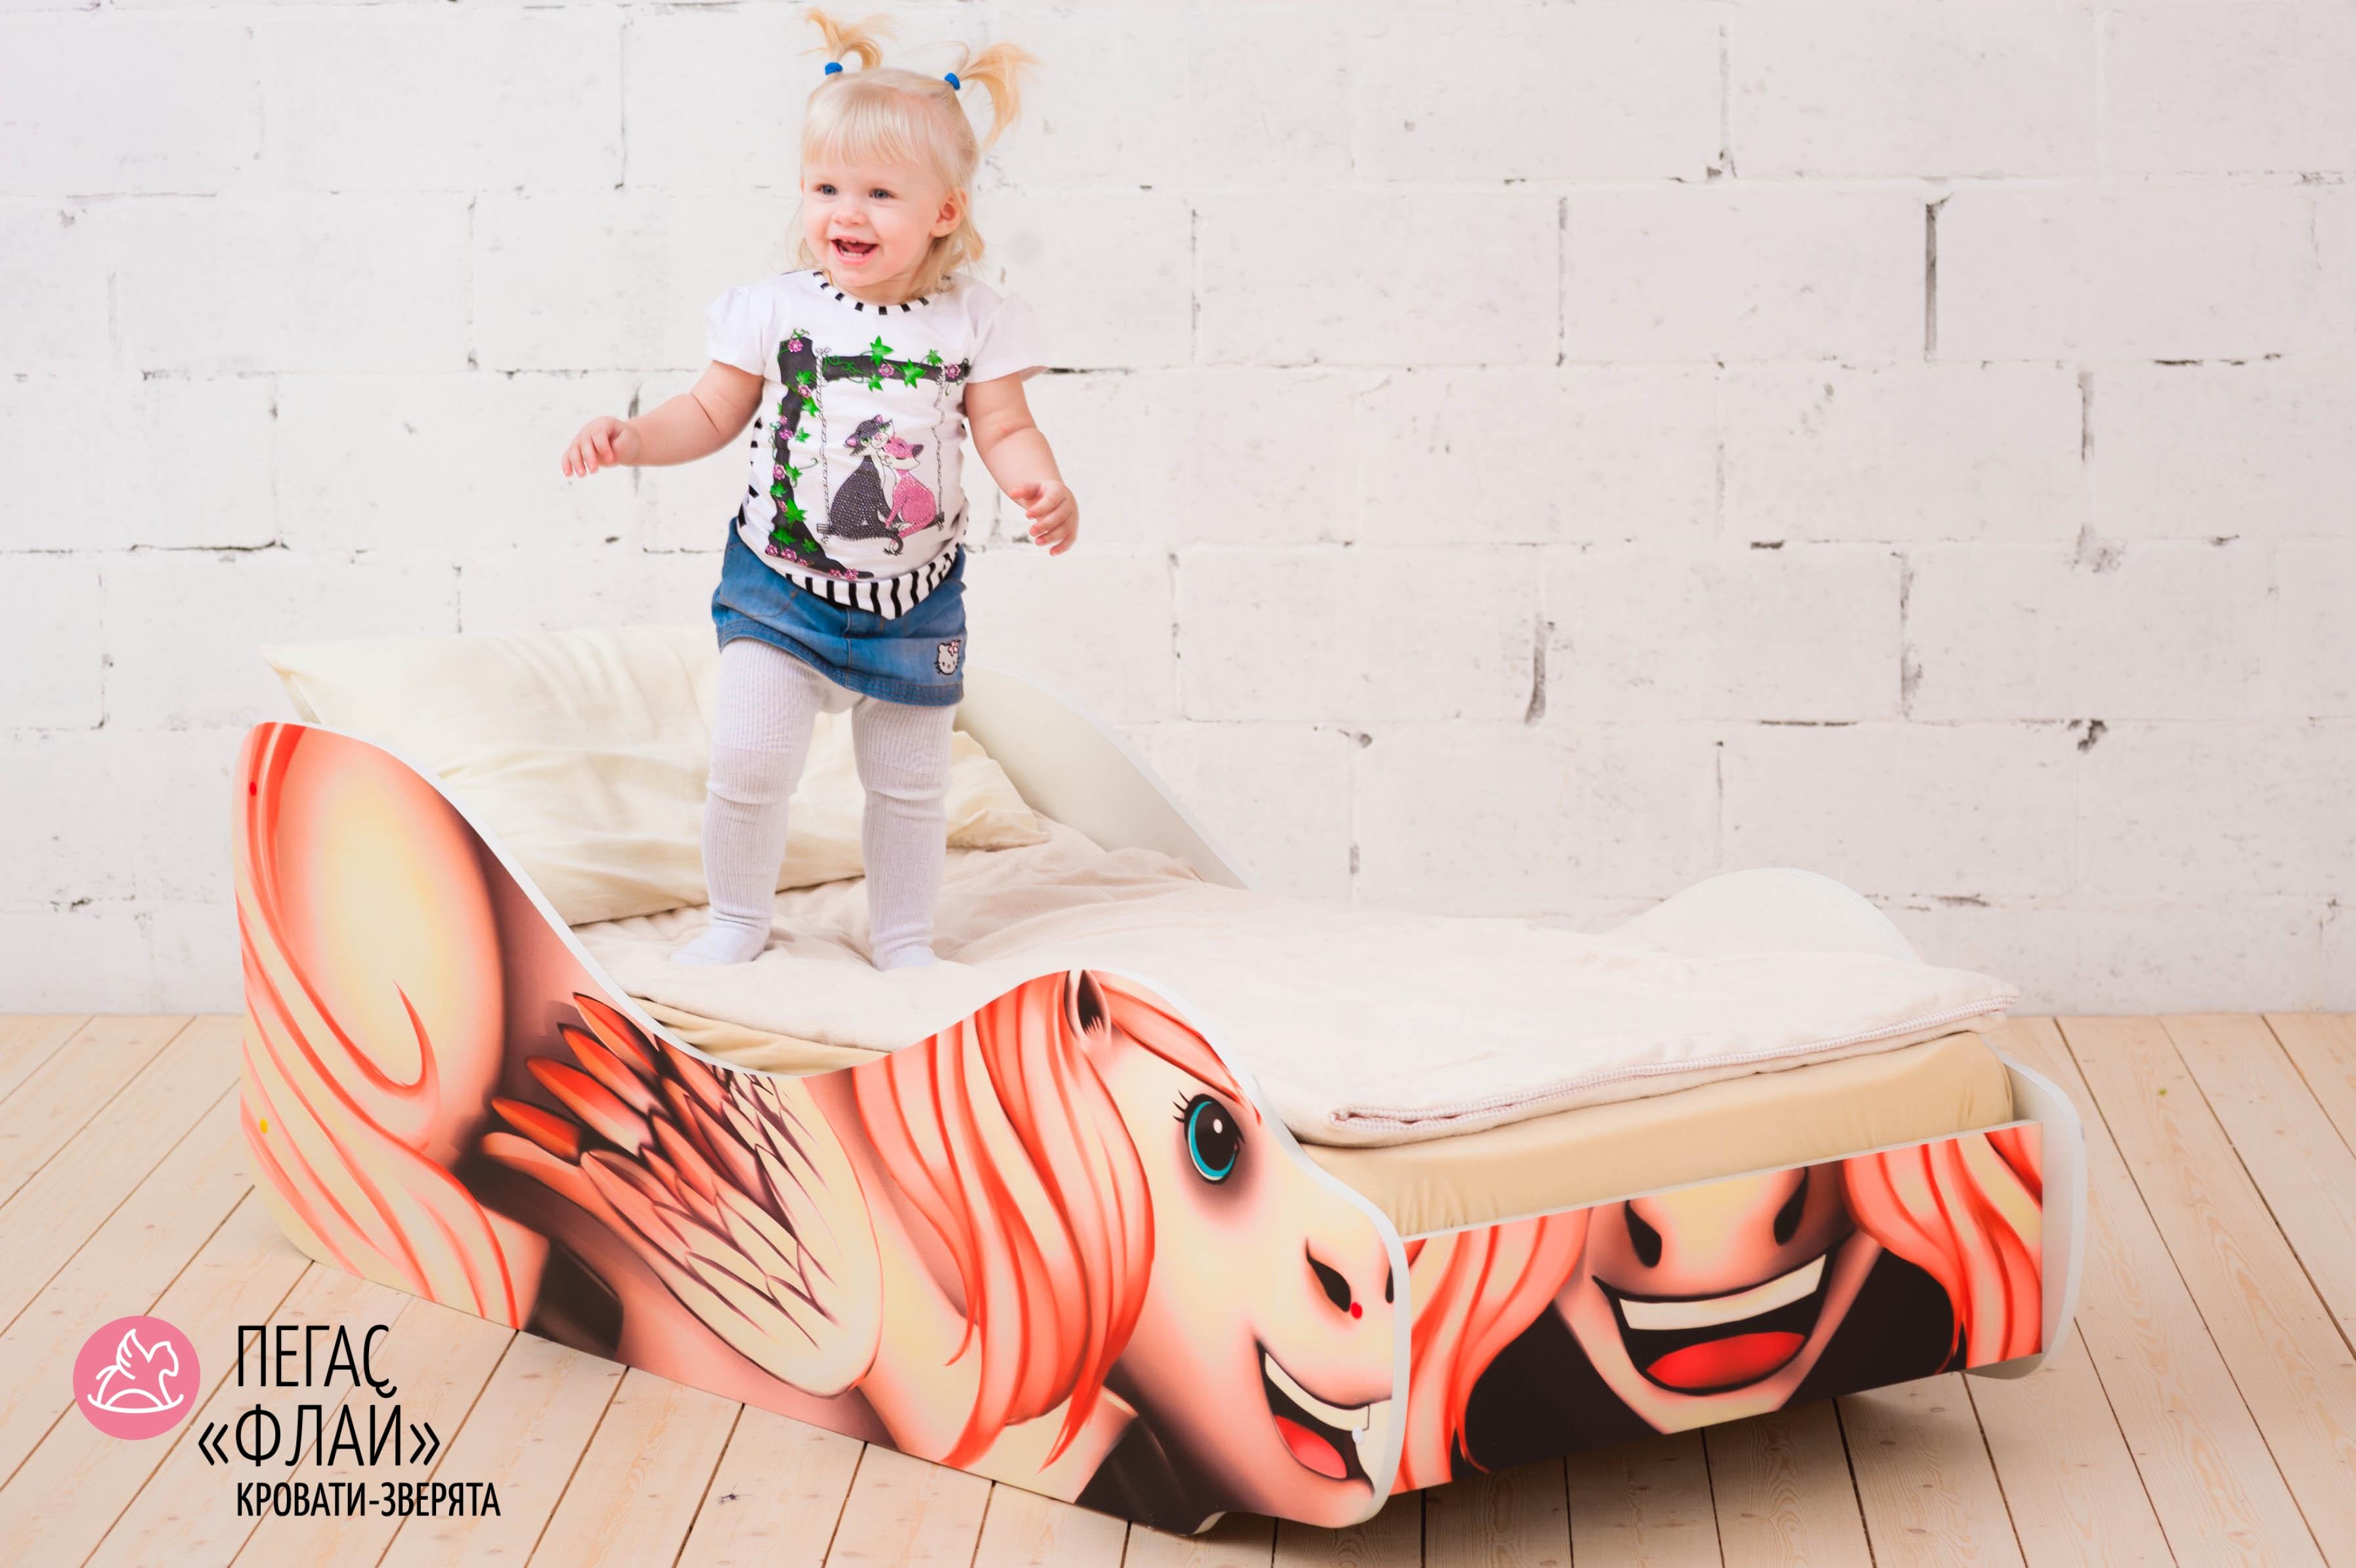 Детская кровать-зверенок -Пегас-Флай-5